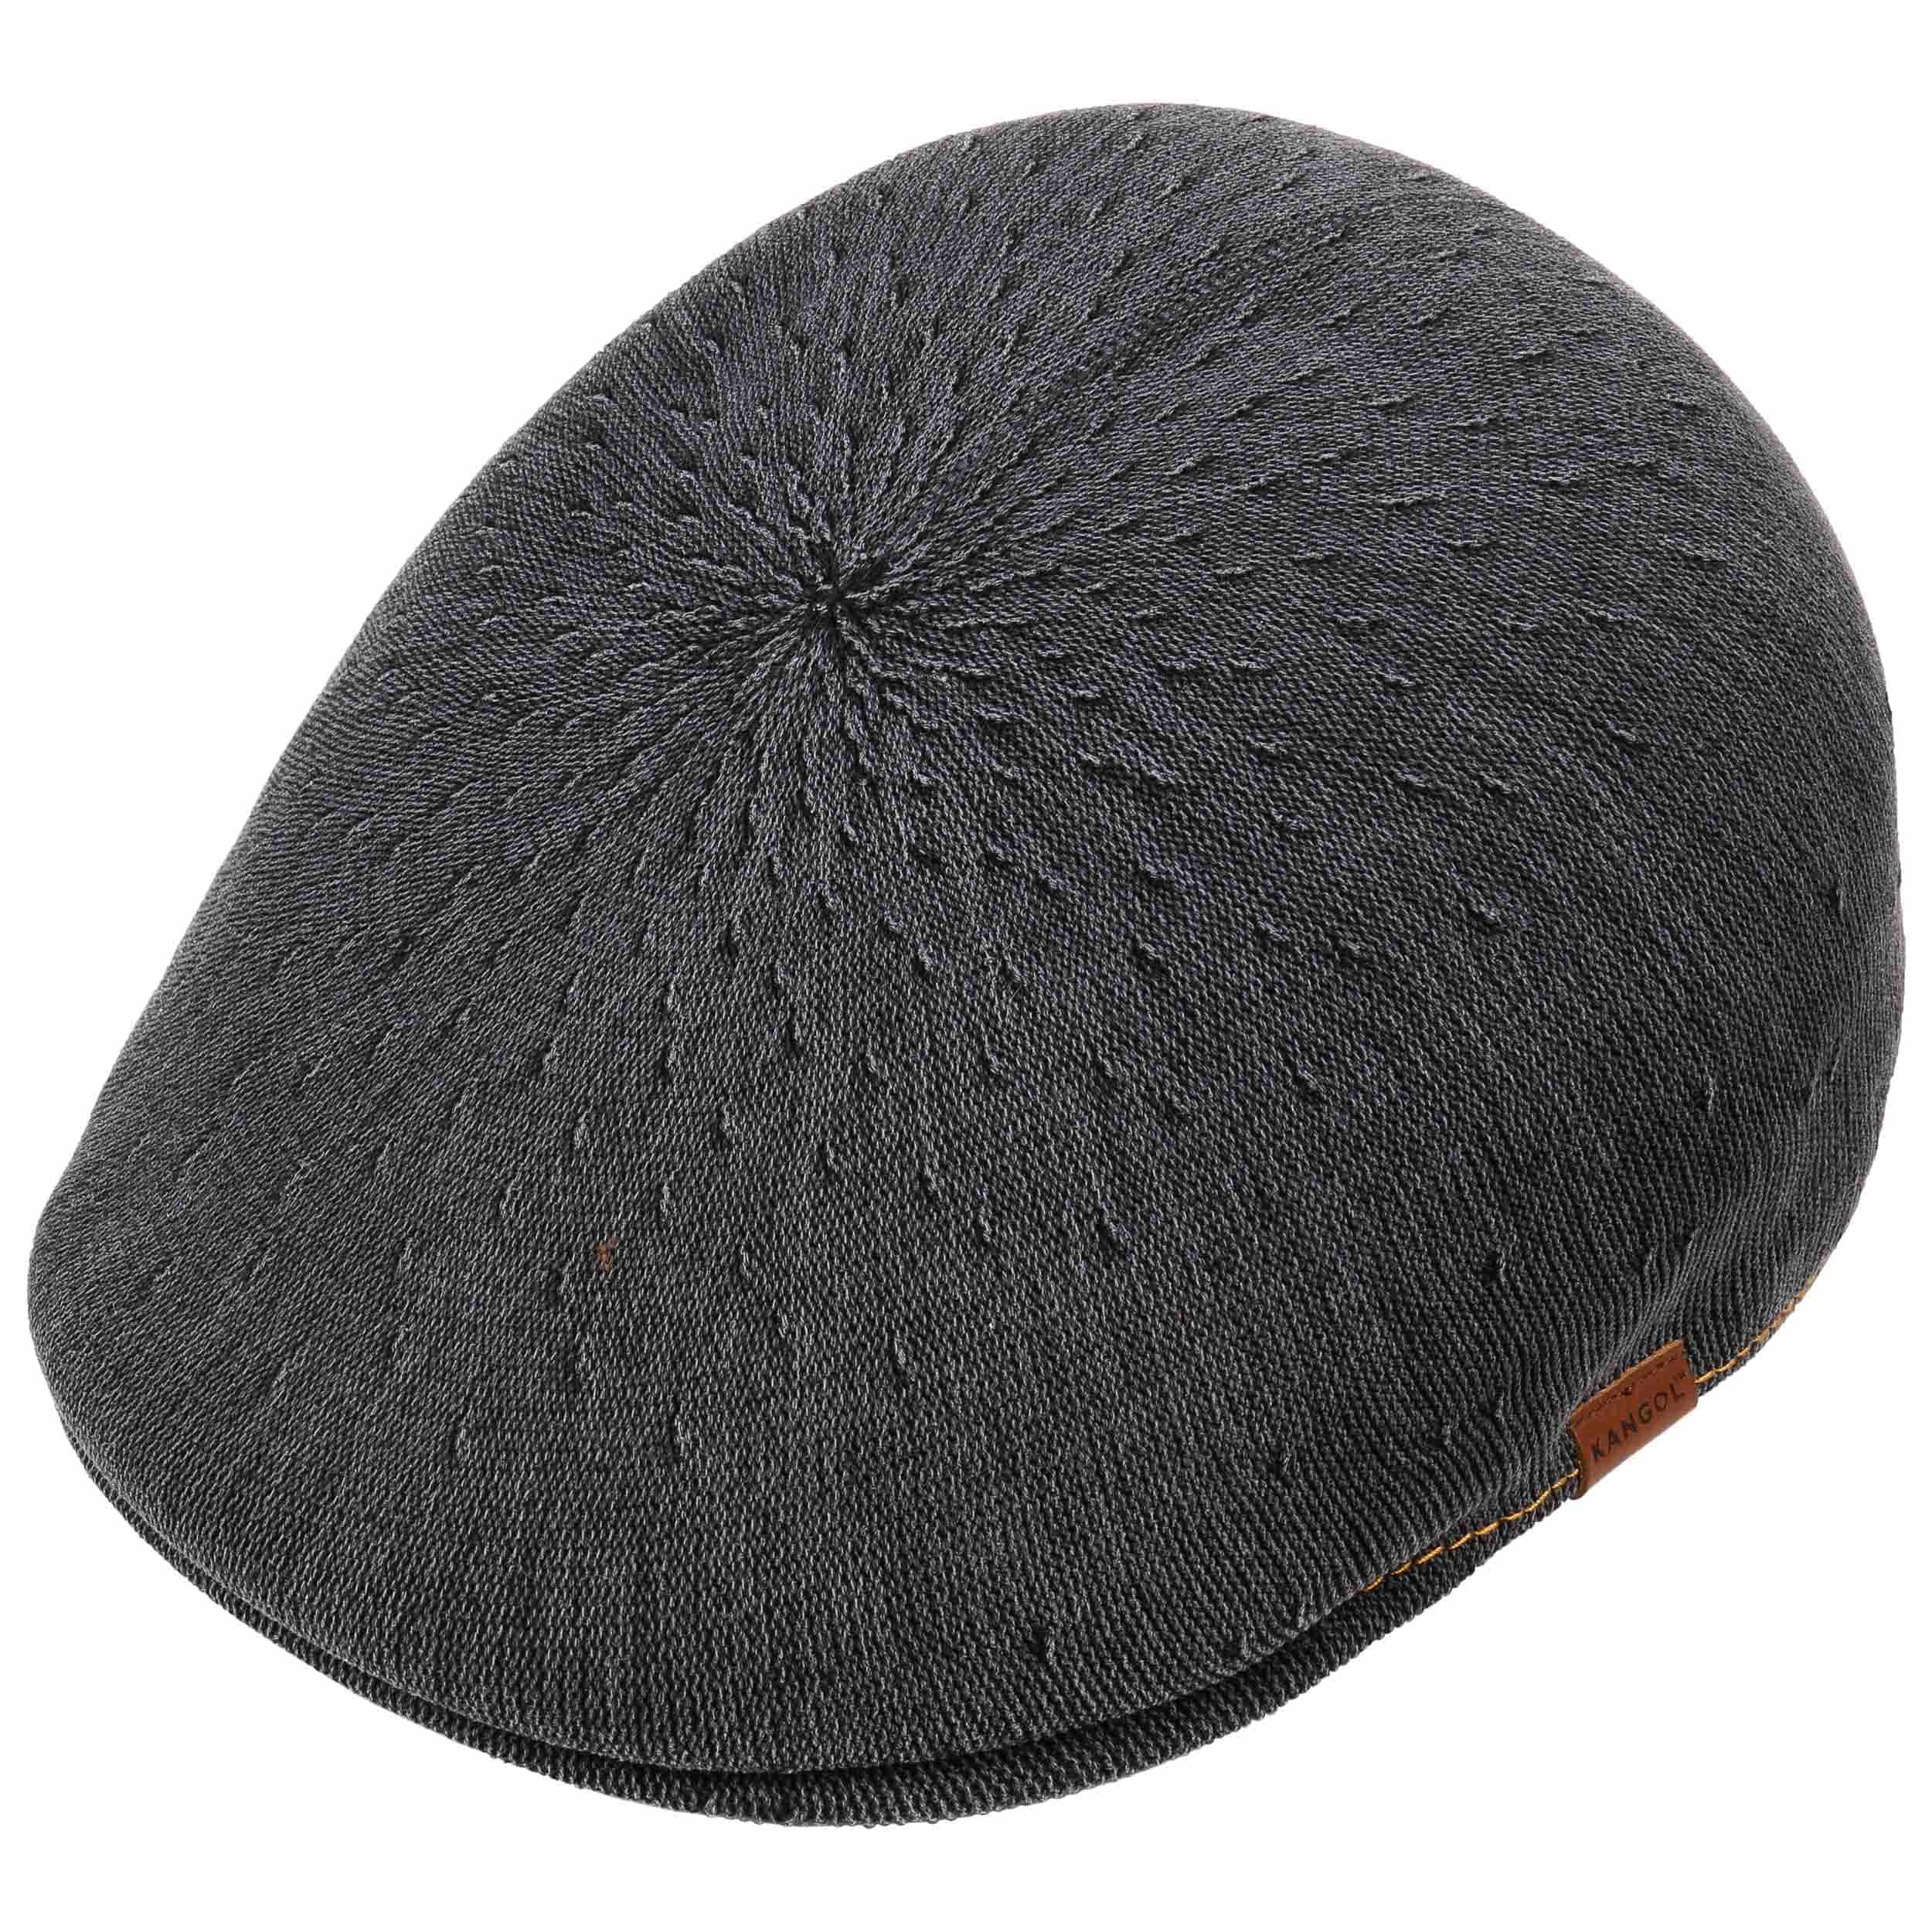 Gorra Indigo 507 by Kangol - Gorras - sombreroshop.es 1435741d6d6